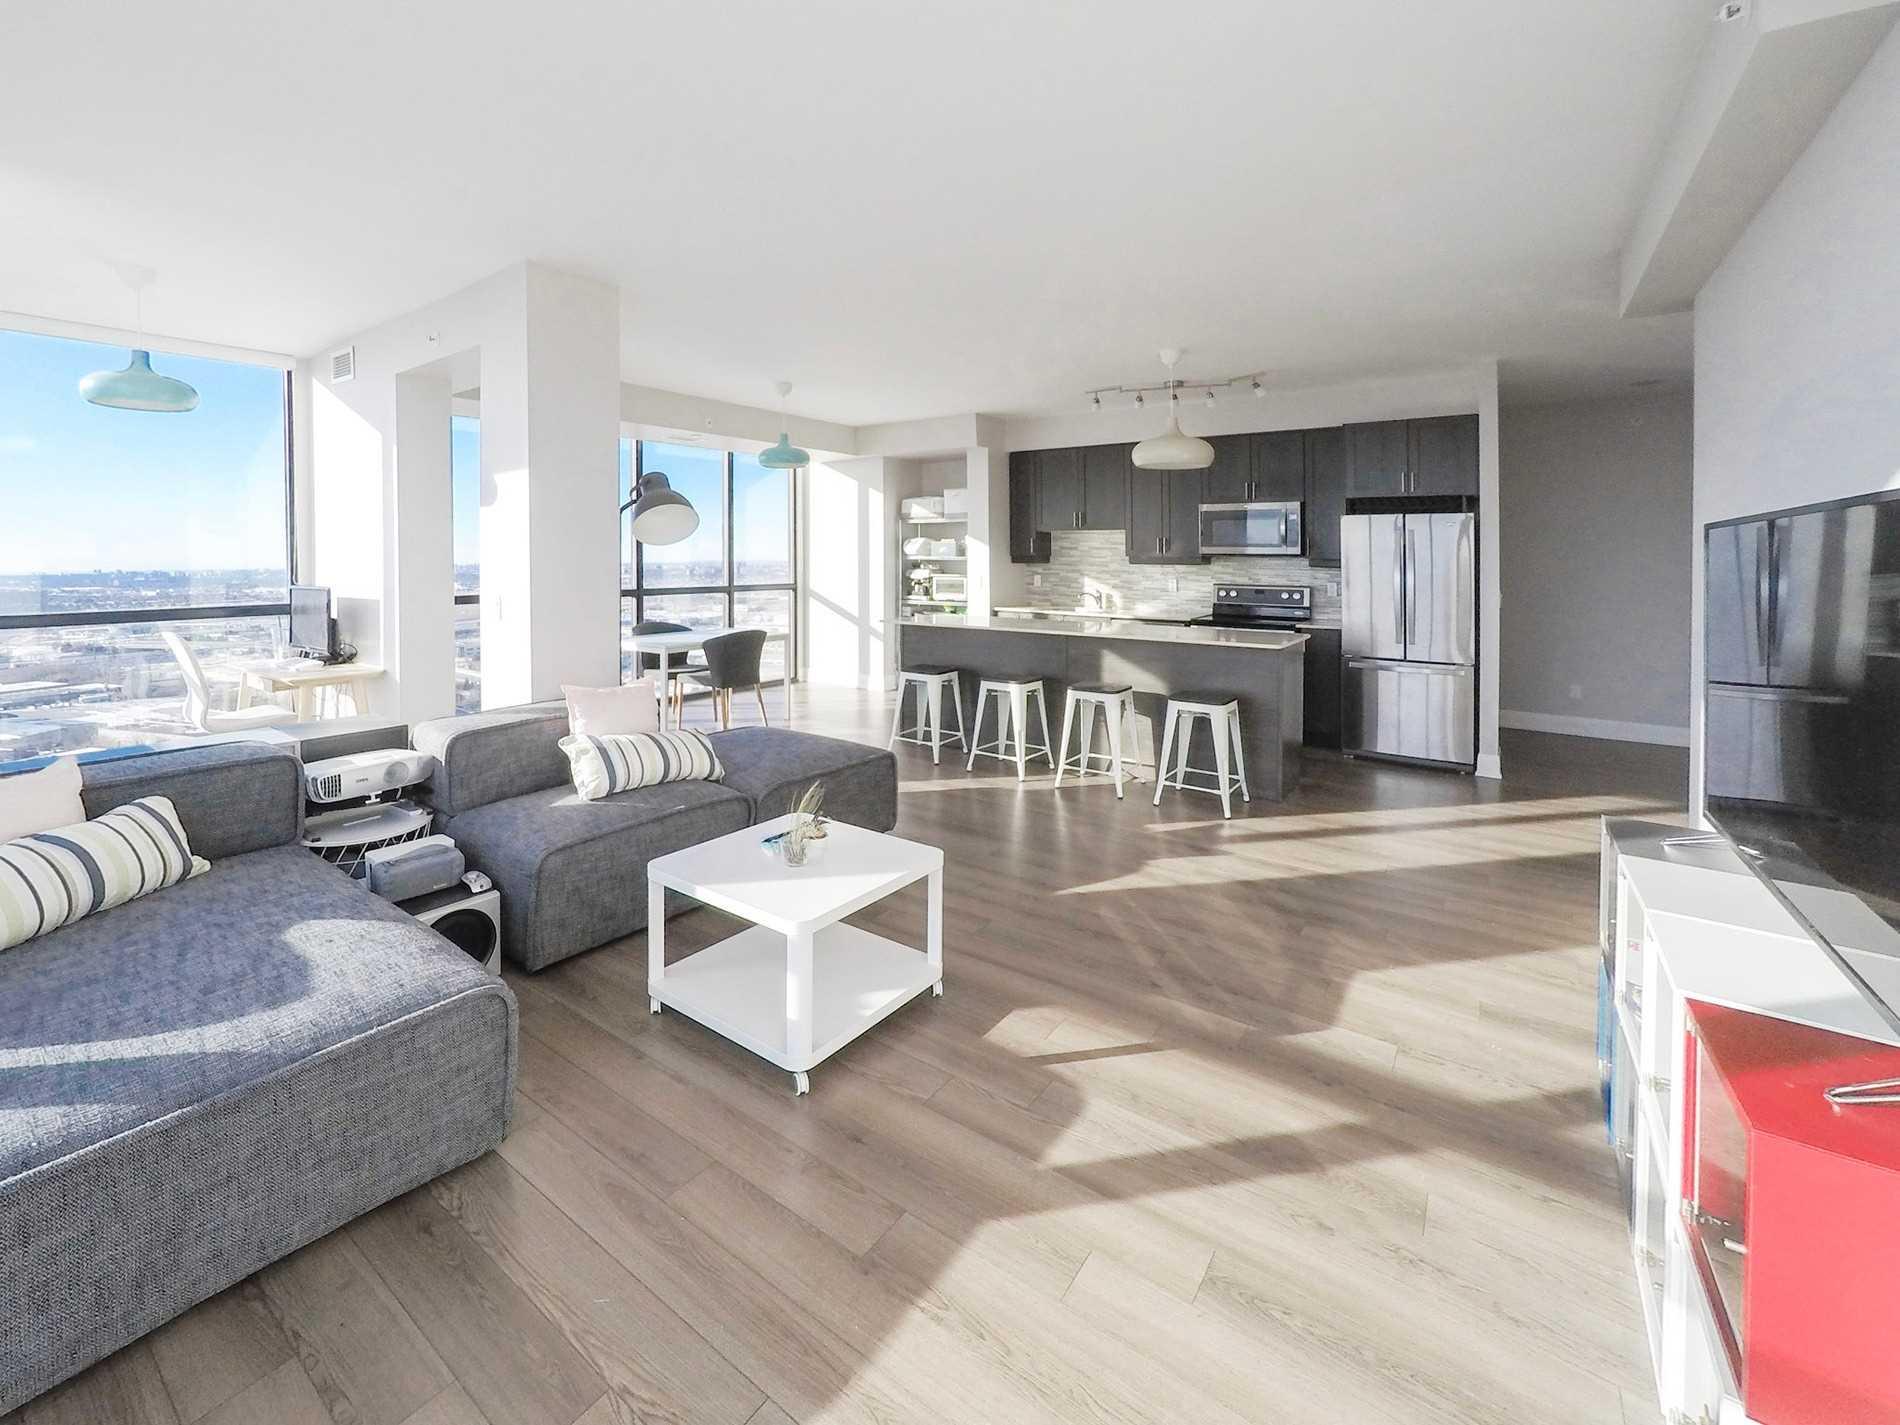 2900 Highway 7 Rd, Vaughan, Ontario L4K 0G3, 2 Bedrooms Bedrooms, 6 Rooms Rooms,2 BathroomsBathrooms,Condo Apt,For Sale,Highway 7,N5178054